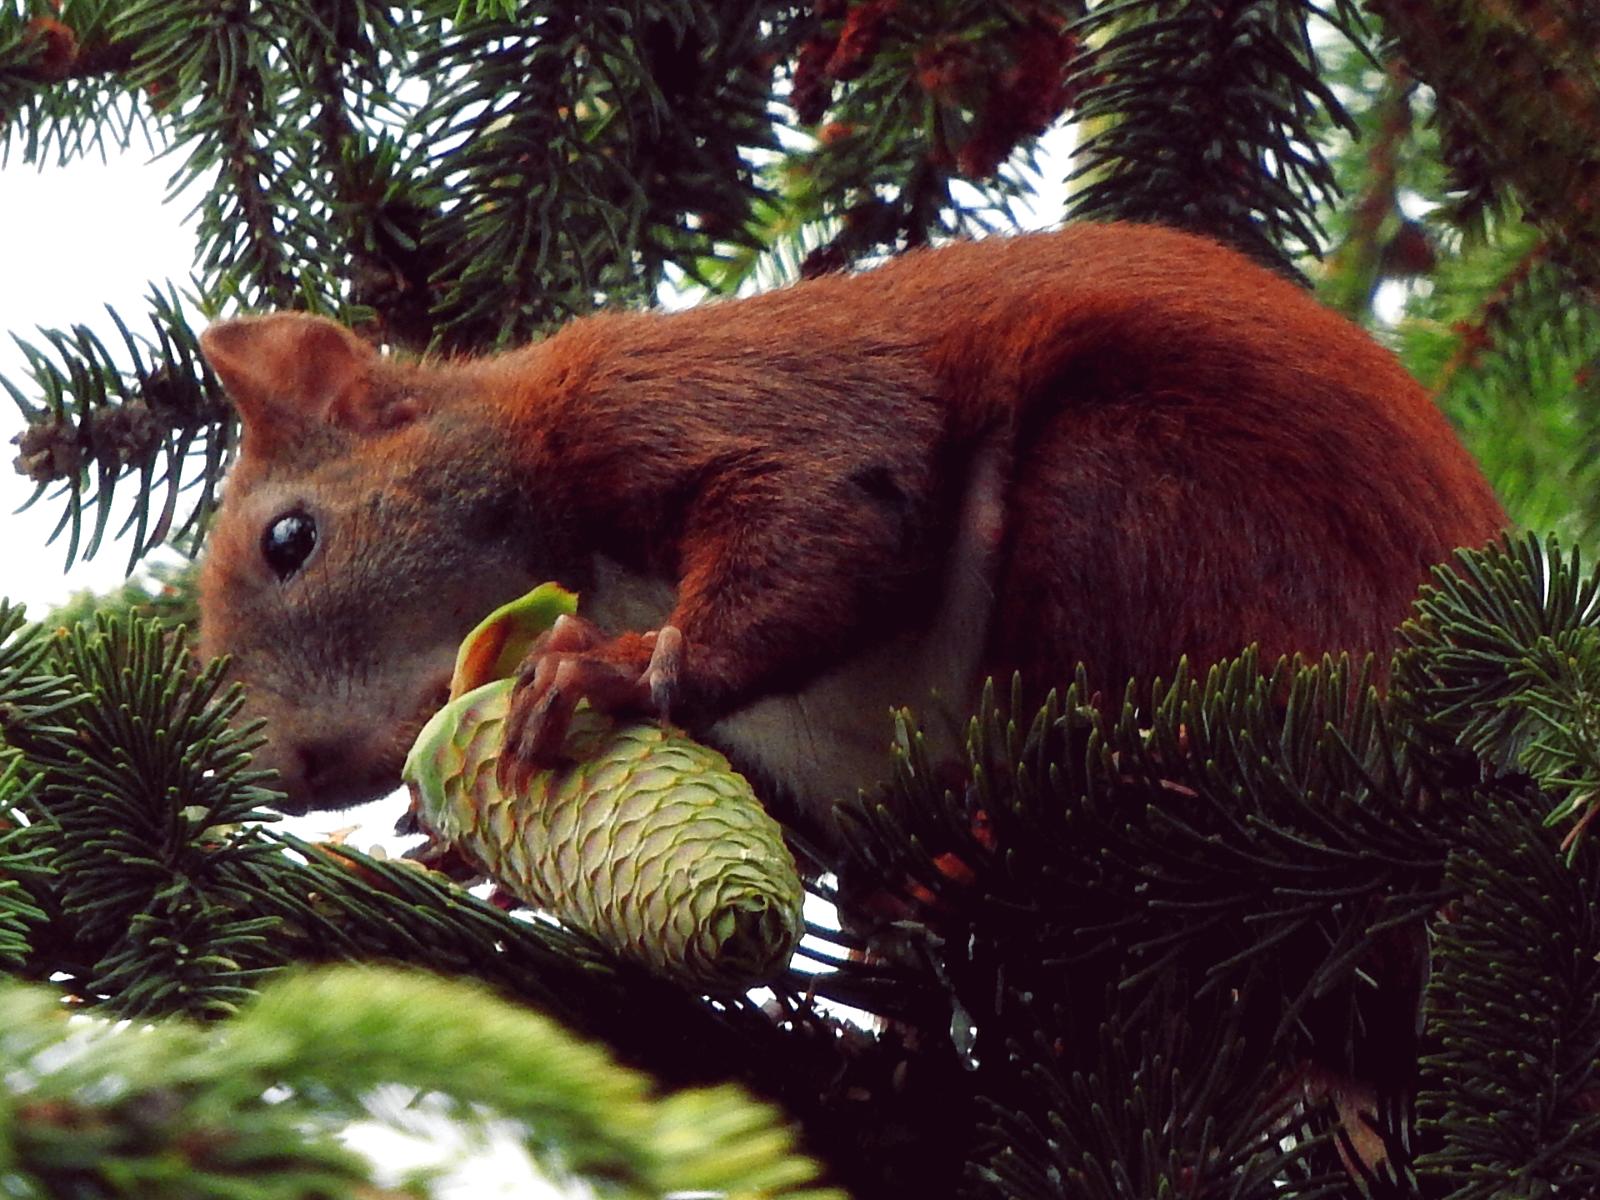 Wiewiórki na moim podwórku dalej w ciąży The squirrels in my backyard are still pregnant